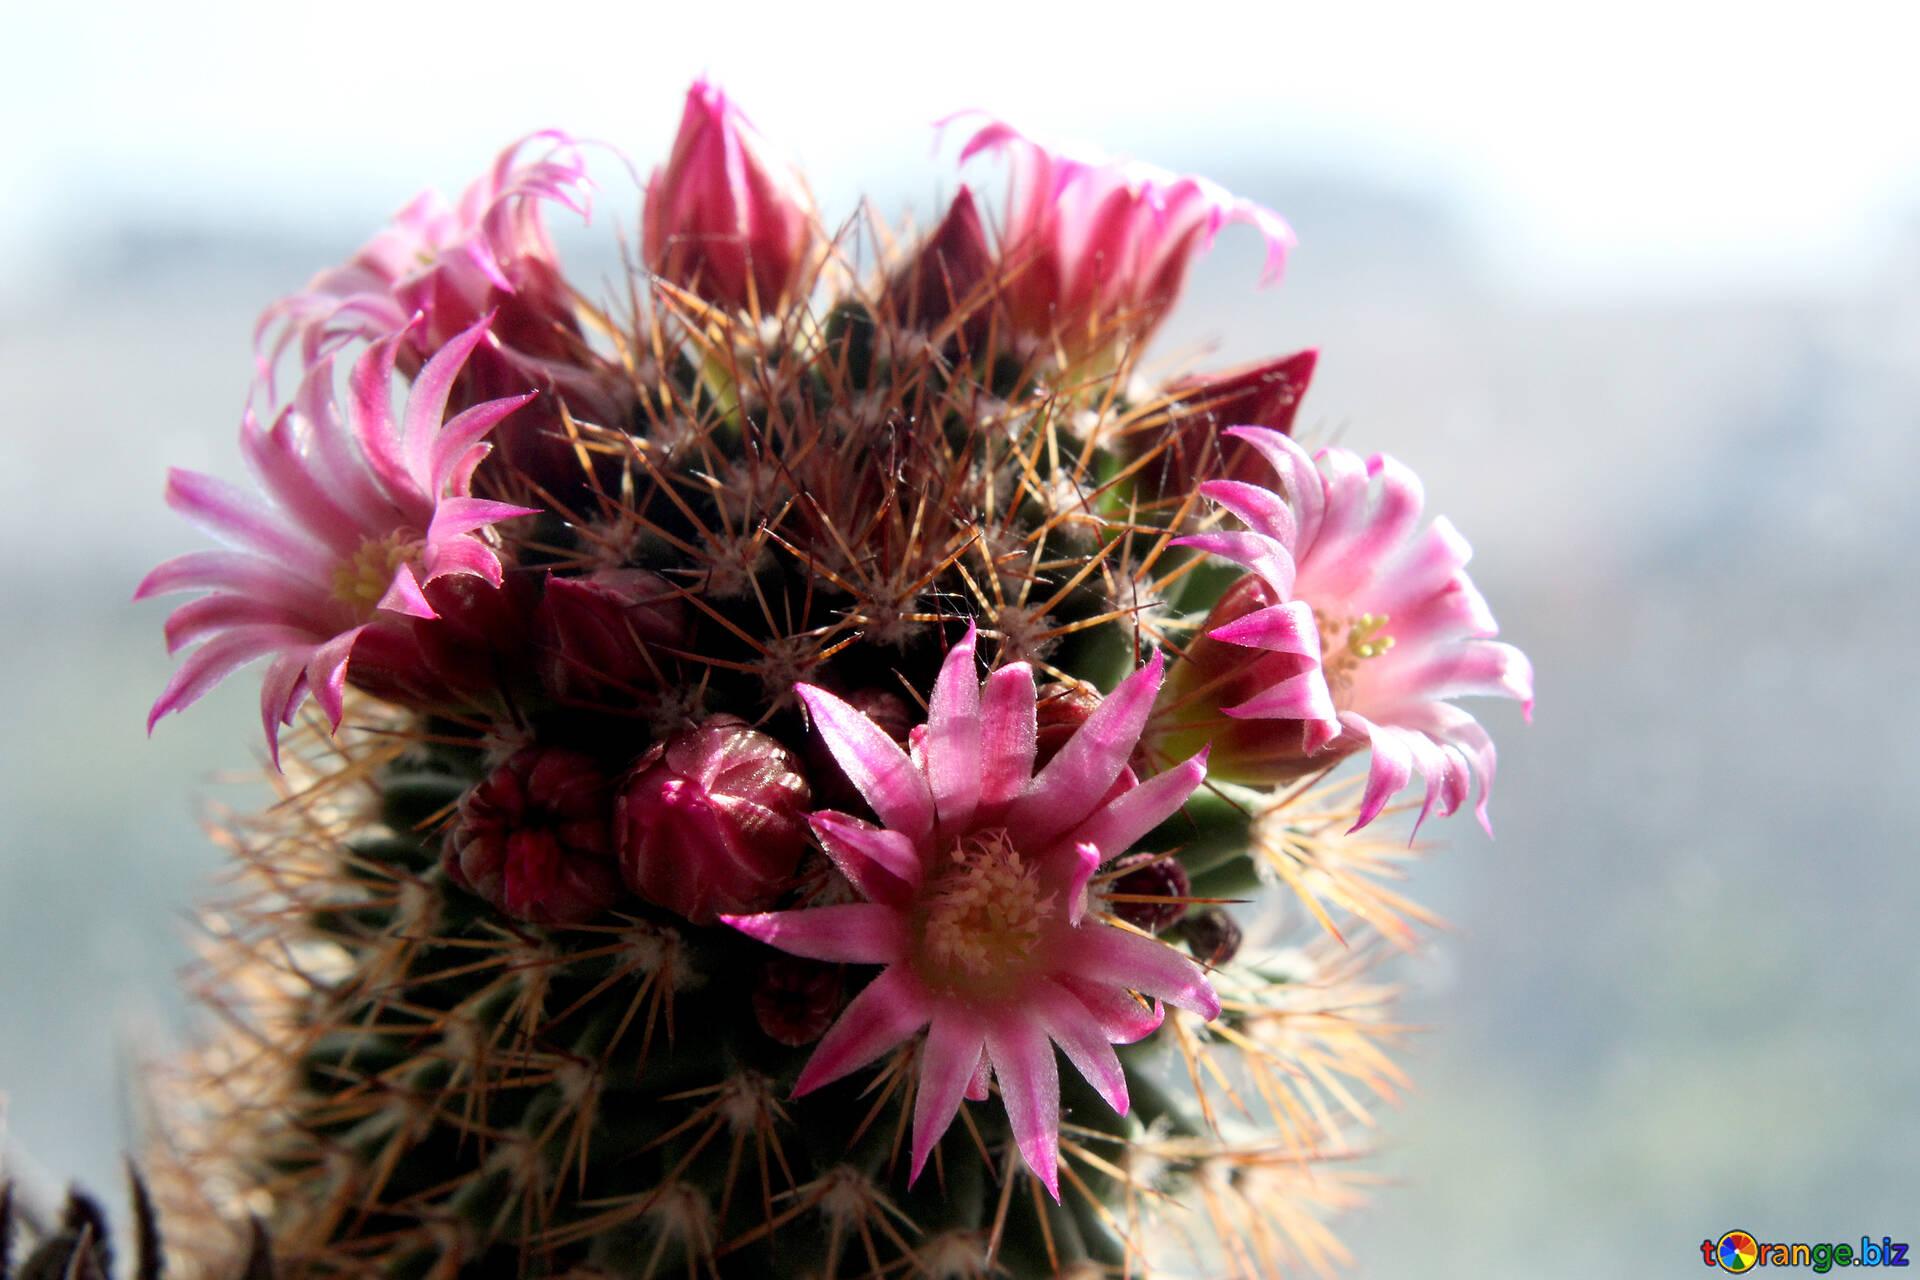 Kaktus Blumen Cactus Blumen Auf Der Fensterbank Nacht 46583